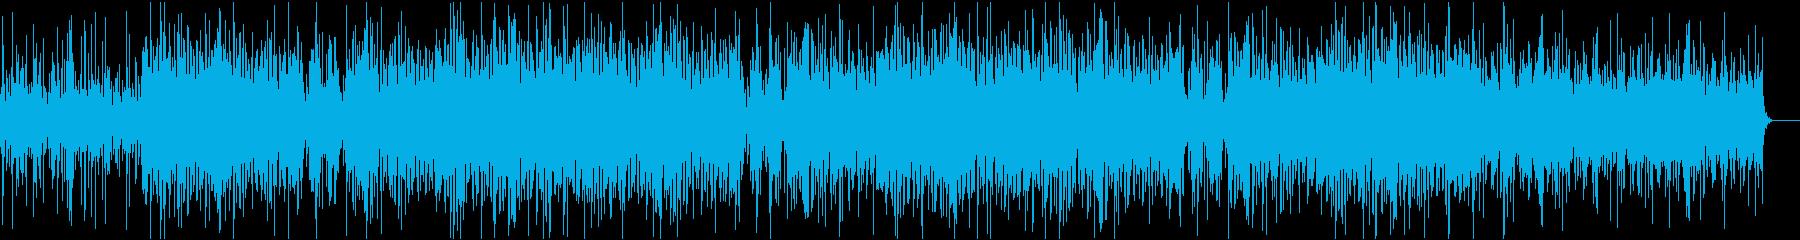 ギャングラップ イギリスのアンダー...の再生済みの波形